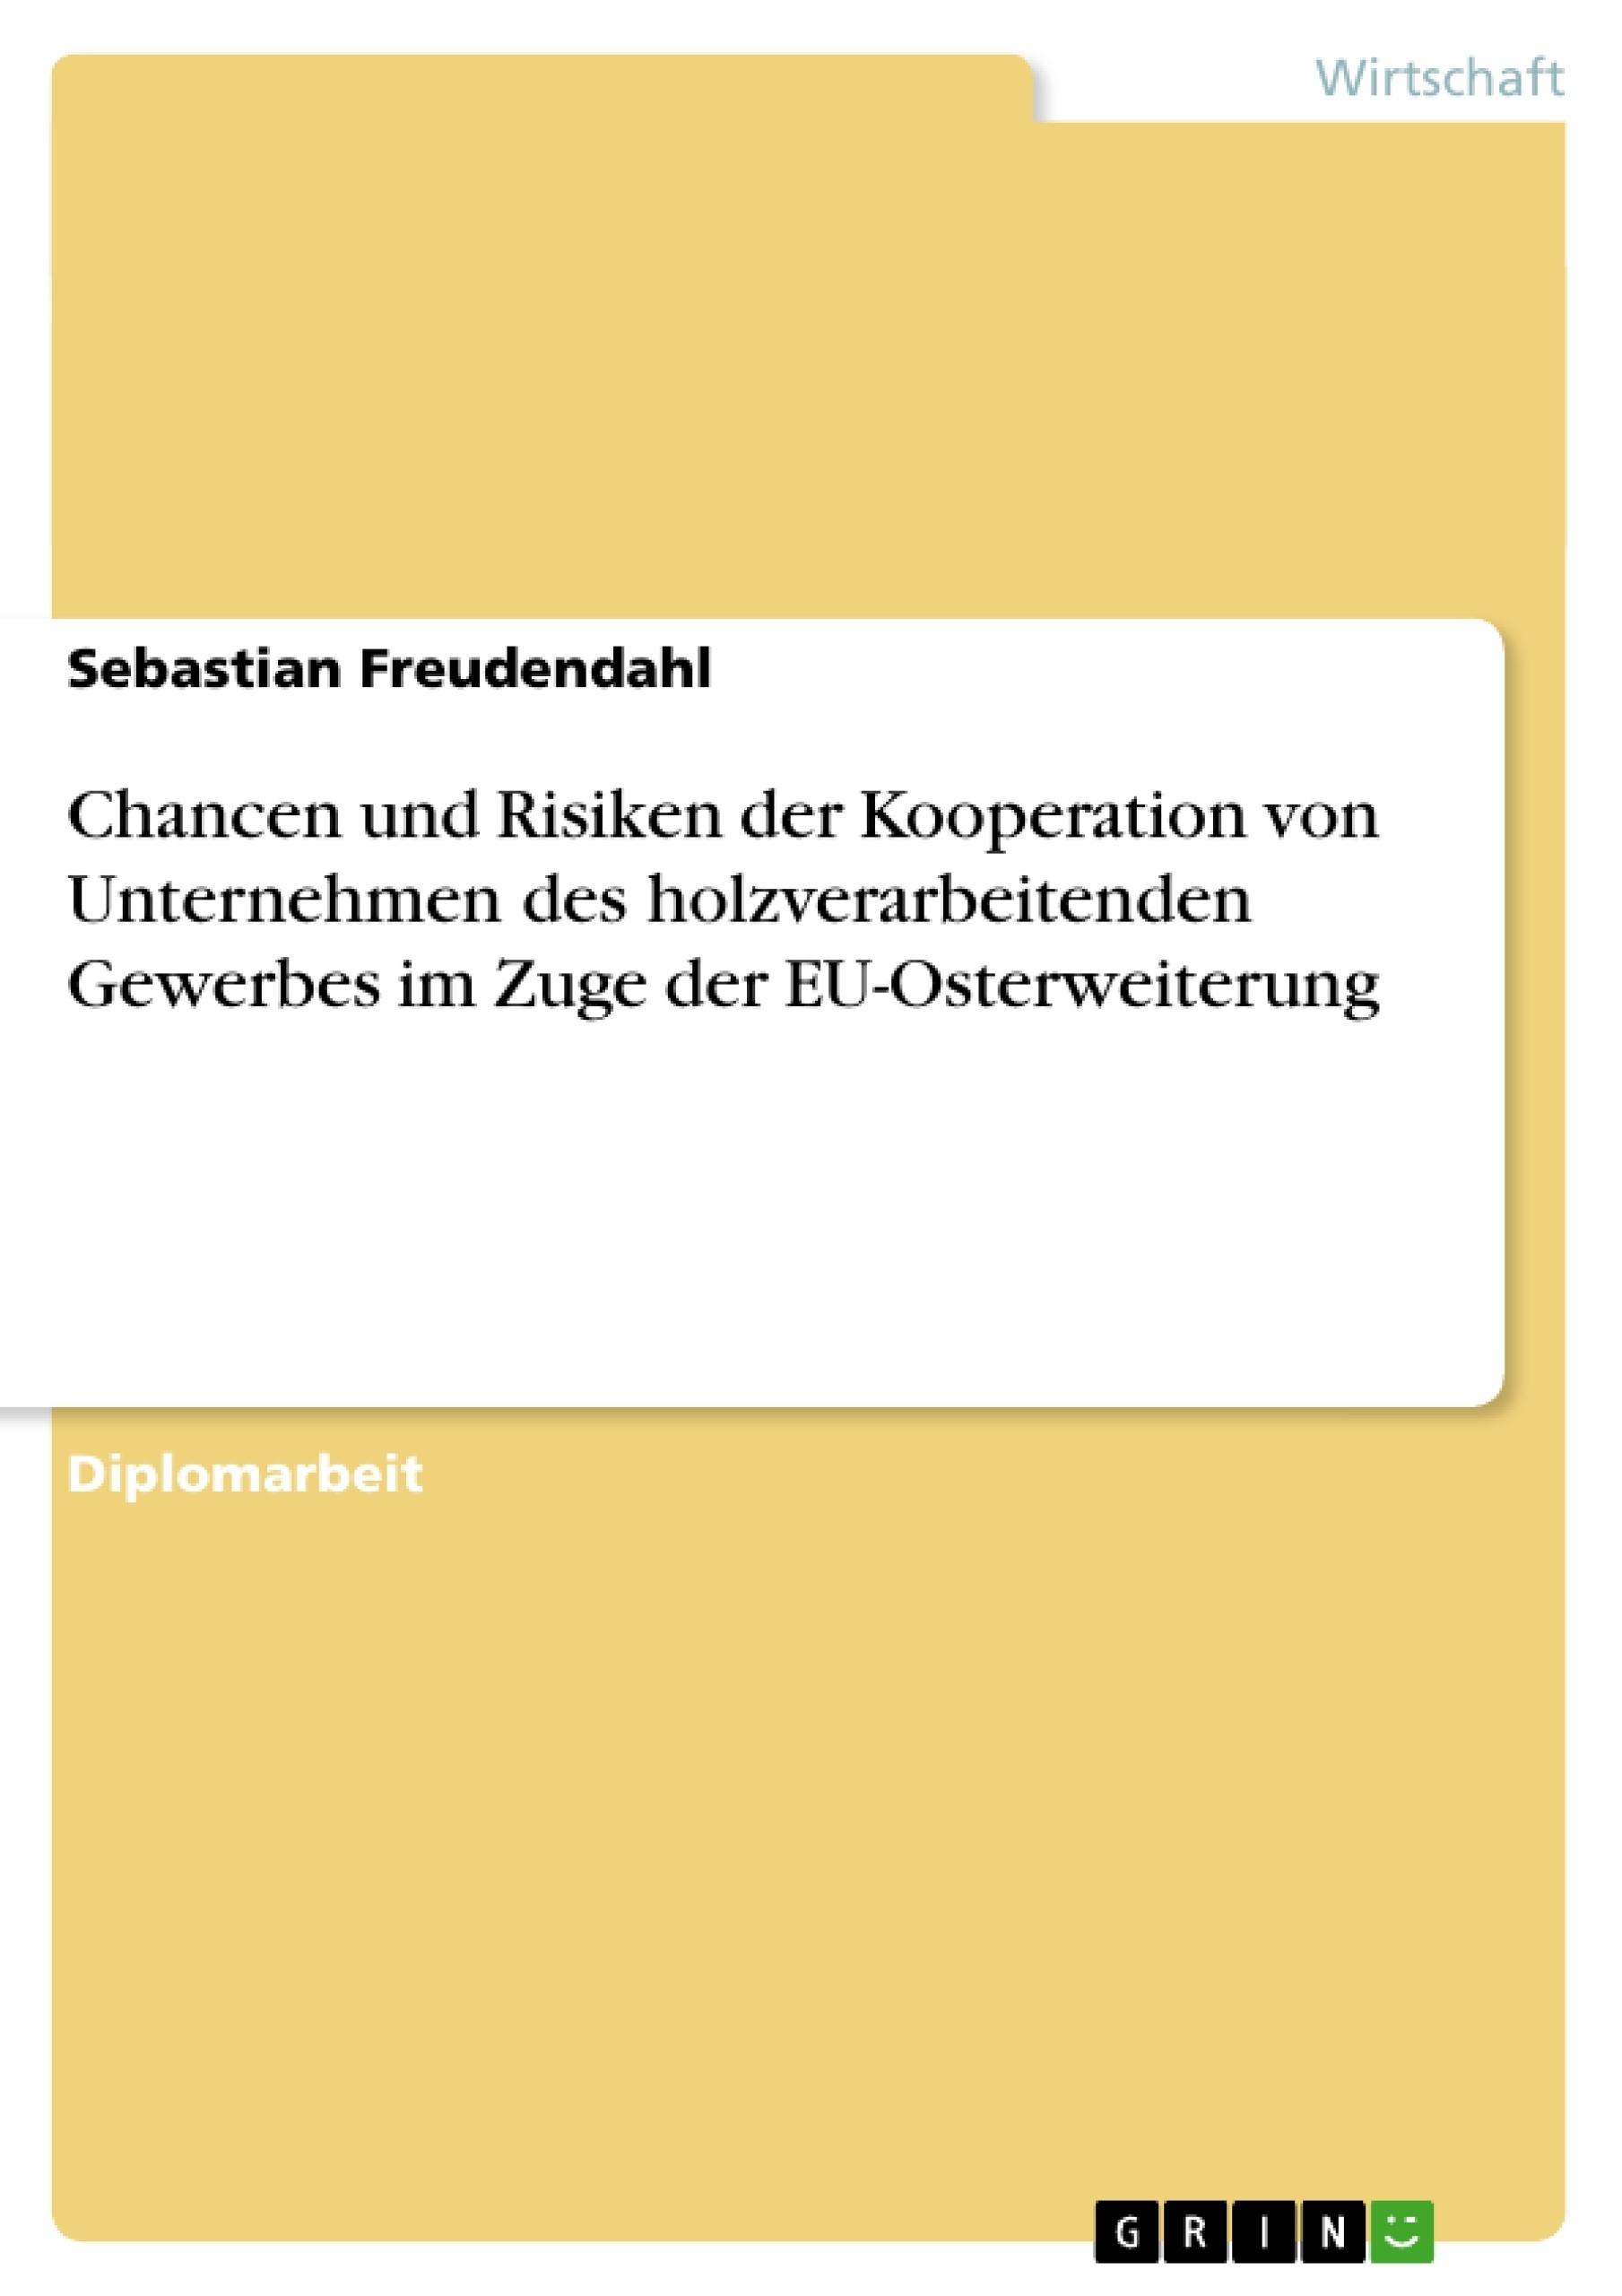 Titel: Chancen und Risiken der Kooperation von Unternehmen des holzverarbeitenden Gewerbes im Zuge der EU-Osterweiterung